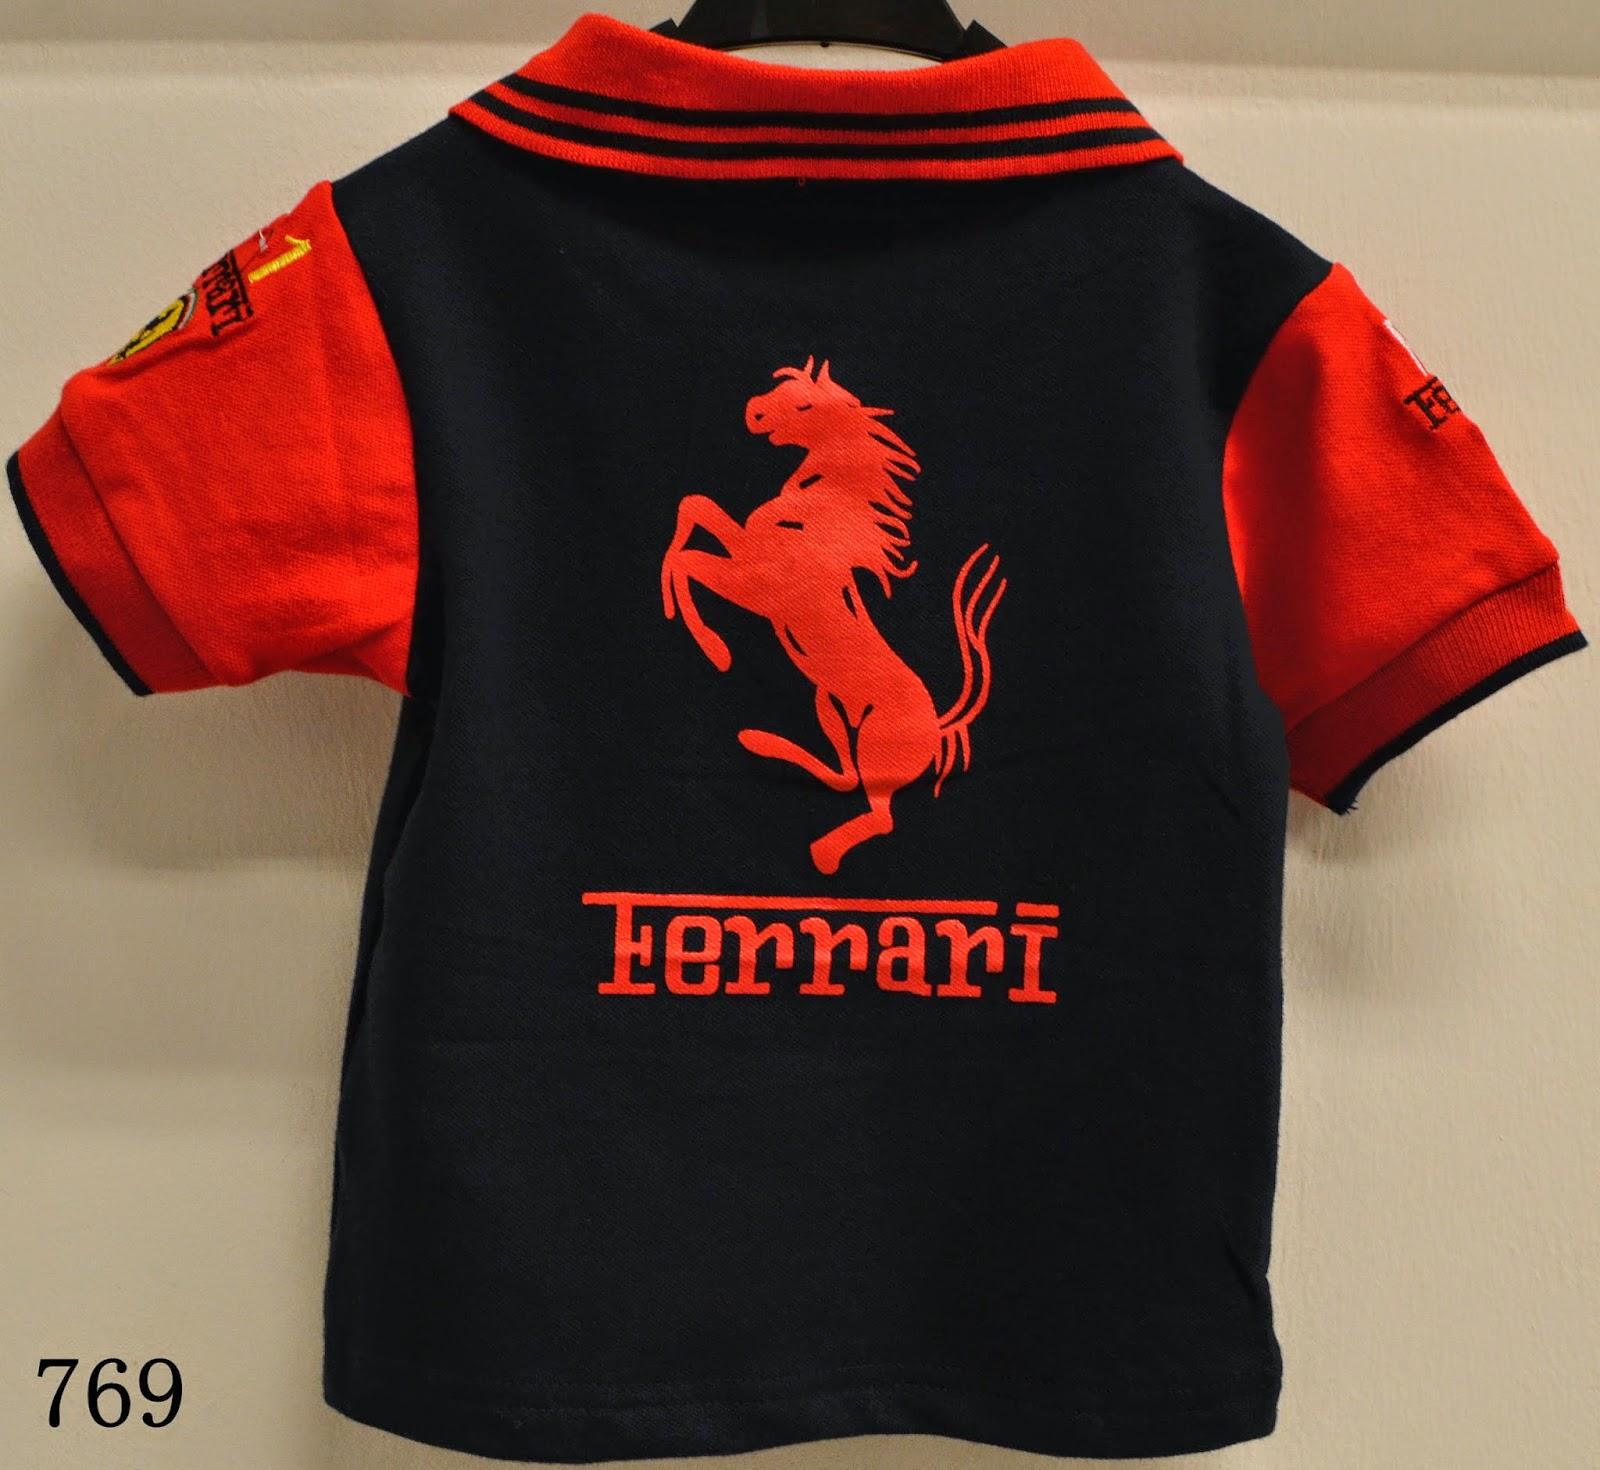 ber af clothes dolf polo t wear adikber ac dsc adik kids ferrari fashion